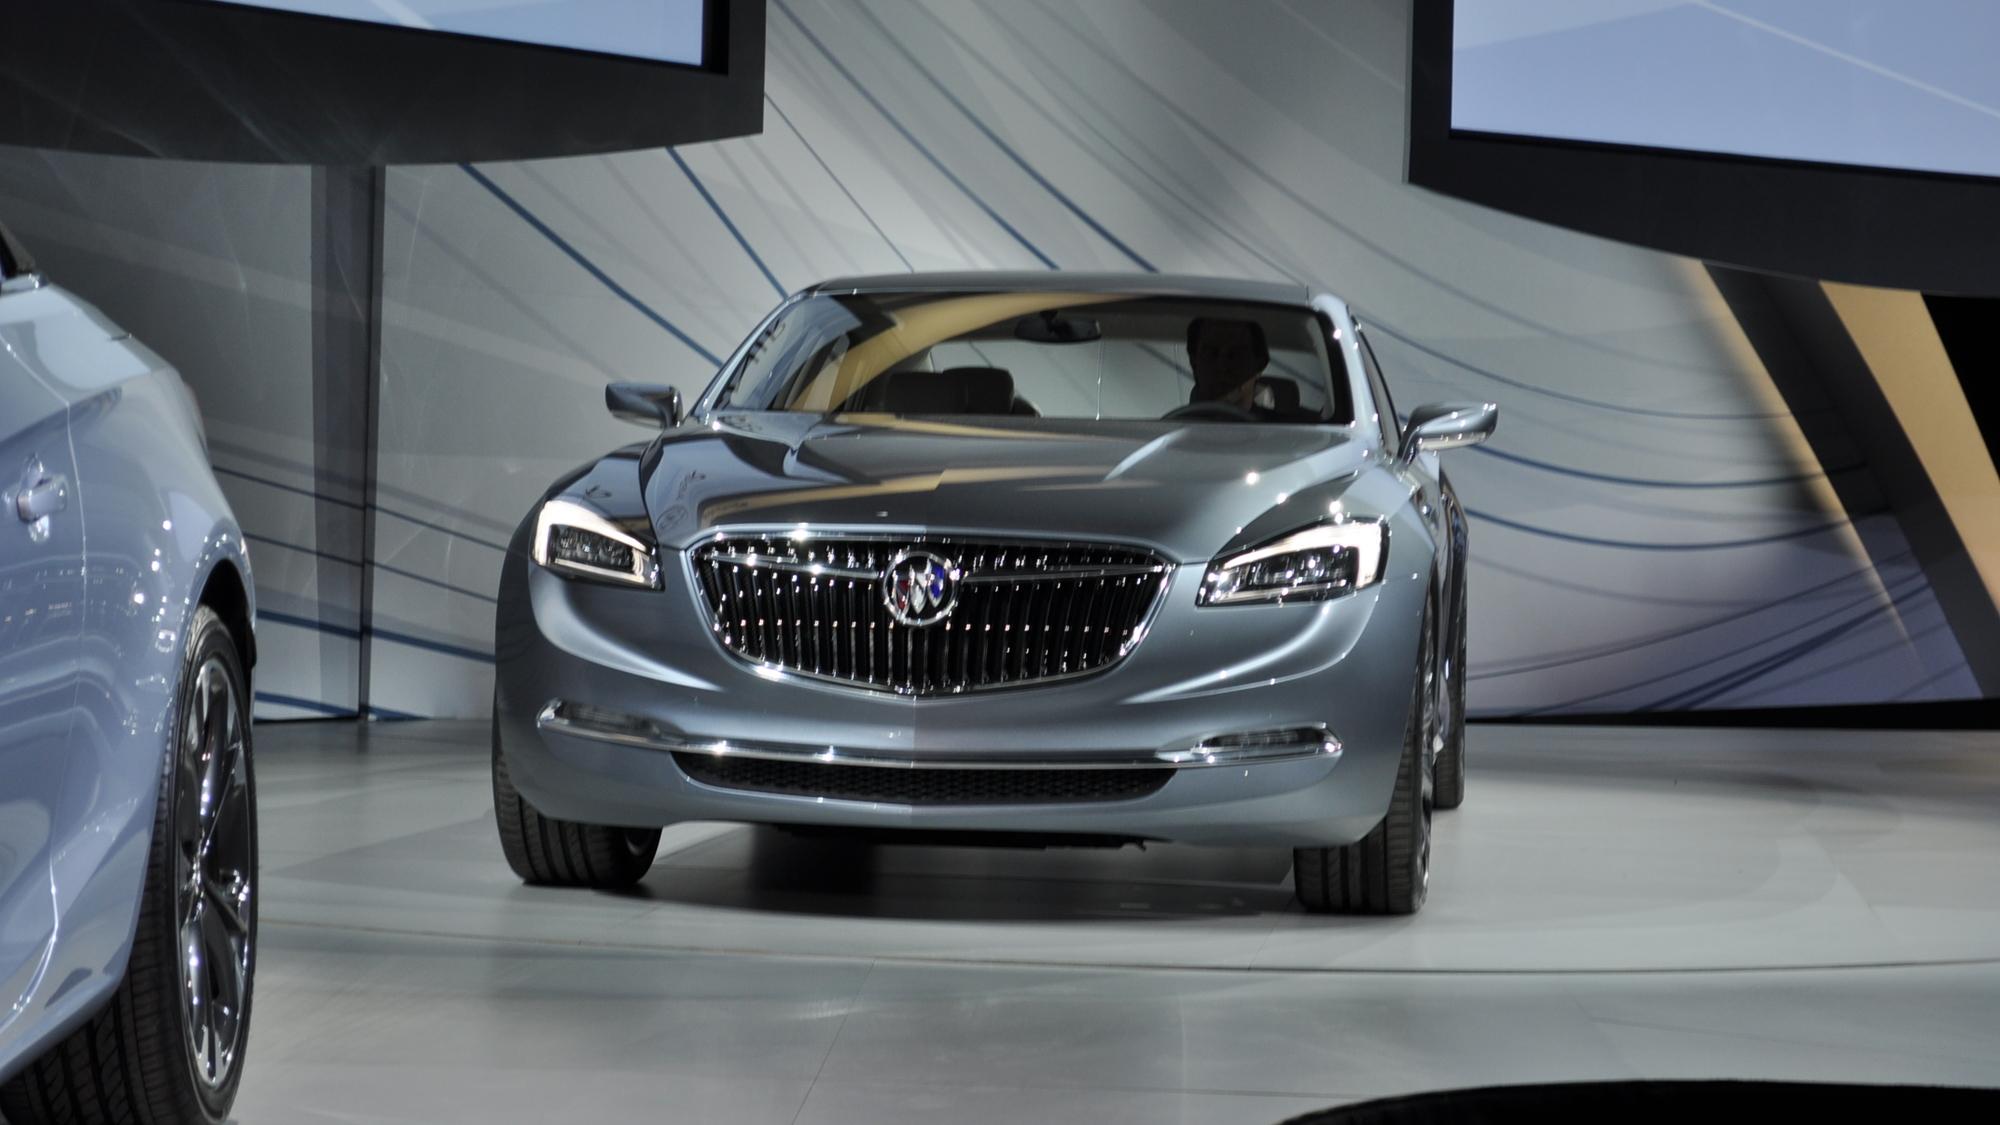 Buick Avenir Concept Live Photos - 2015 Detroit Auto Show